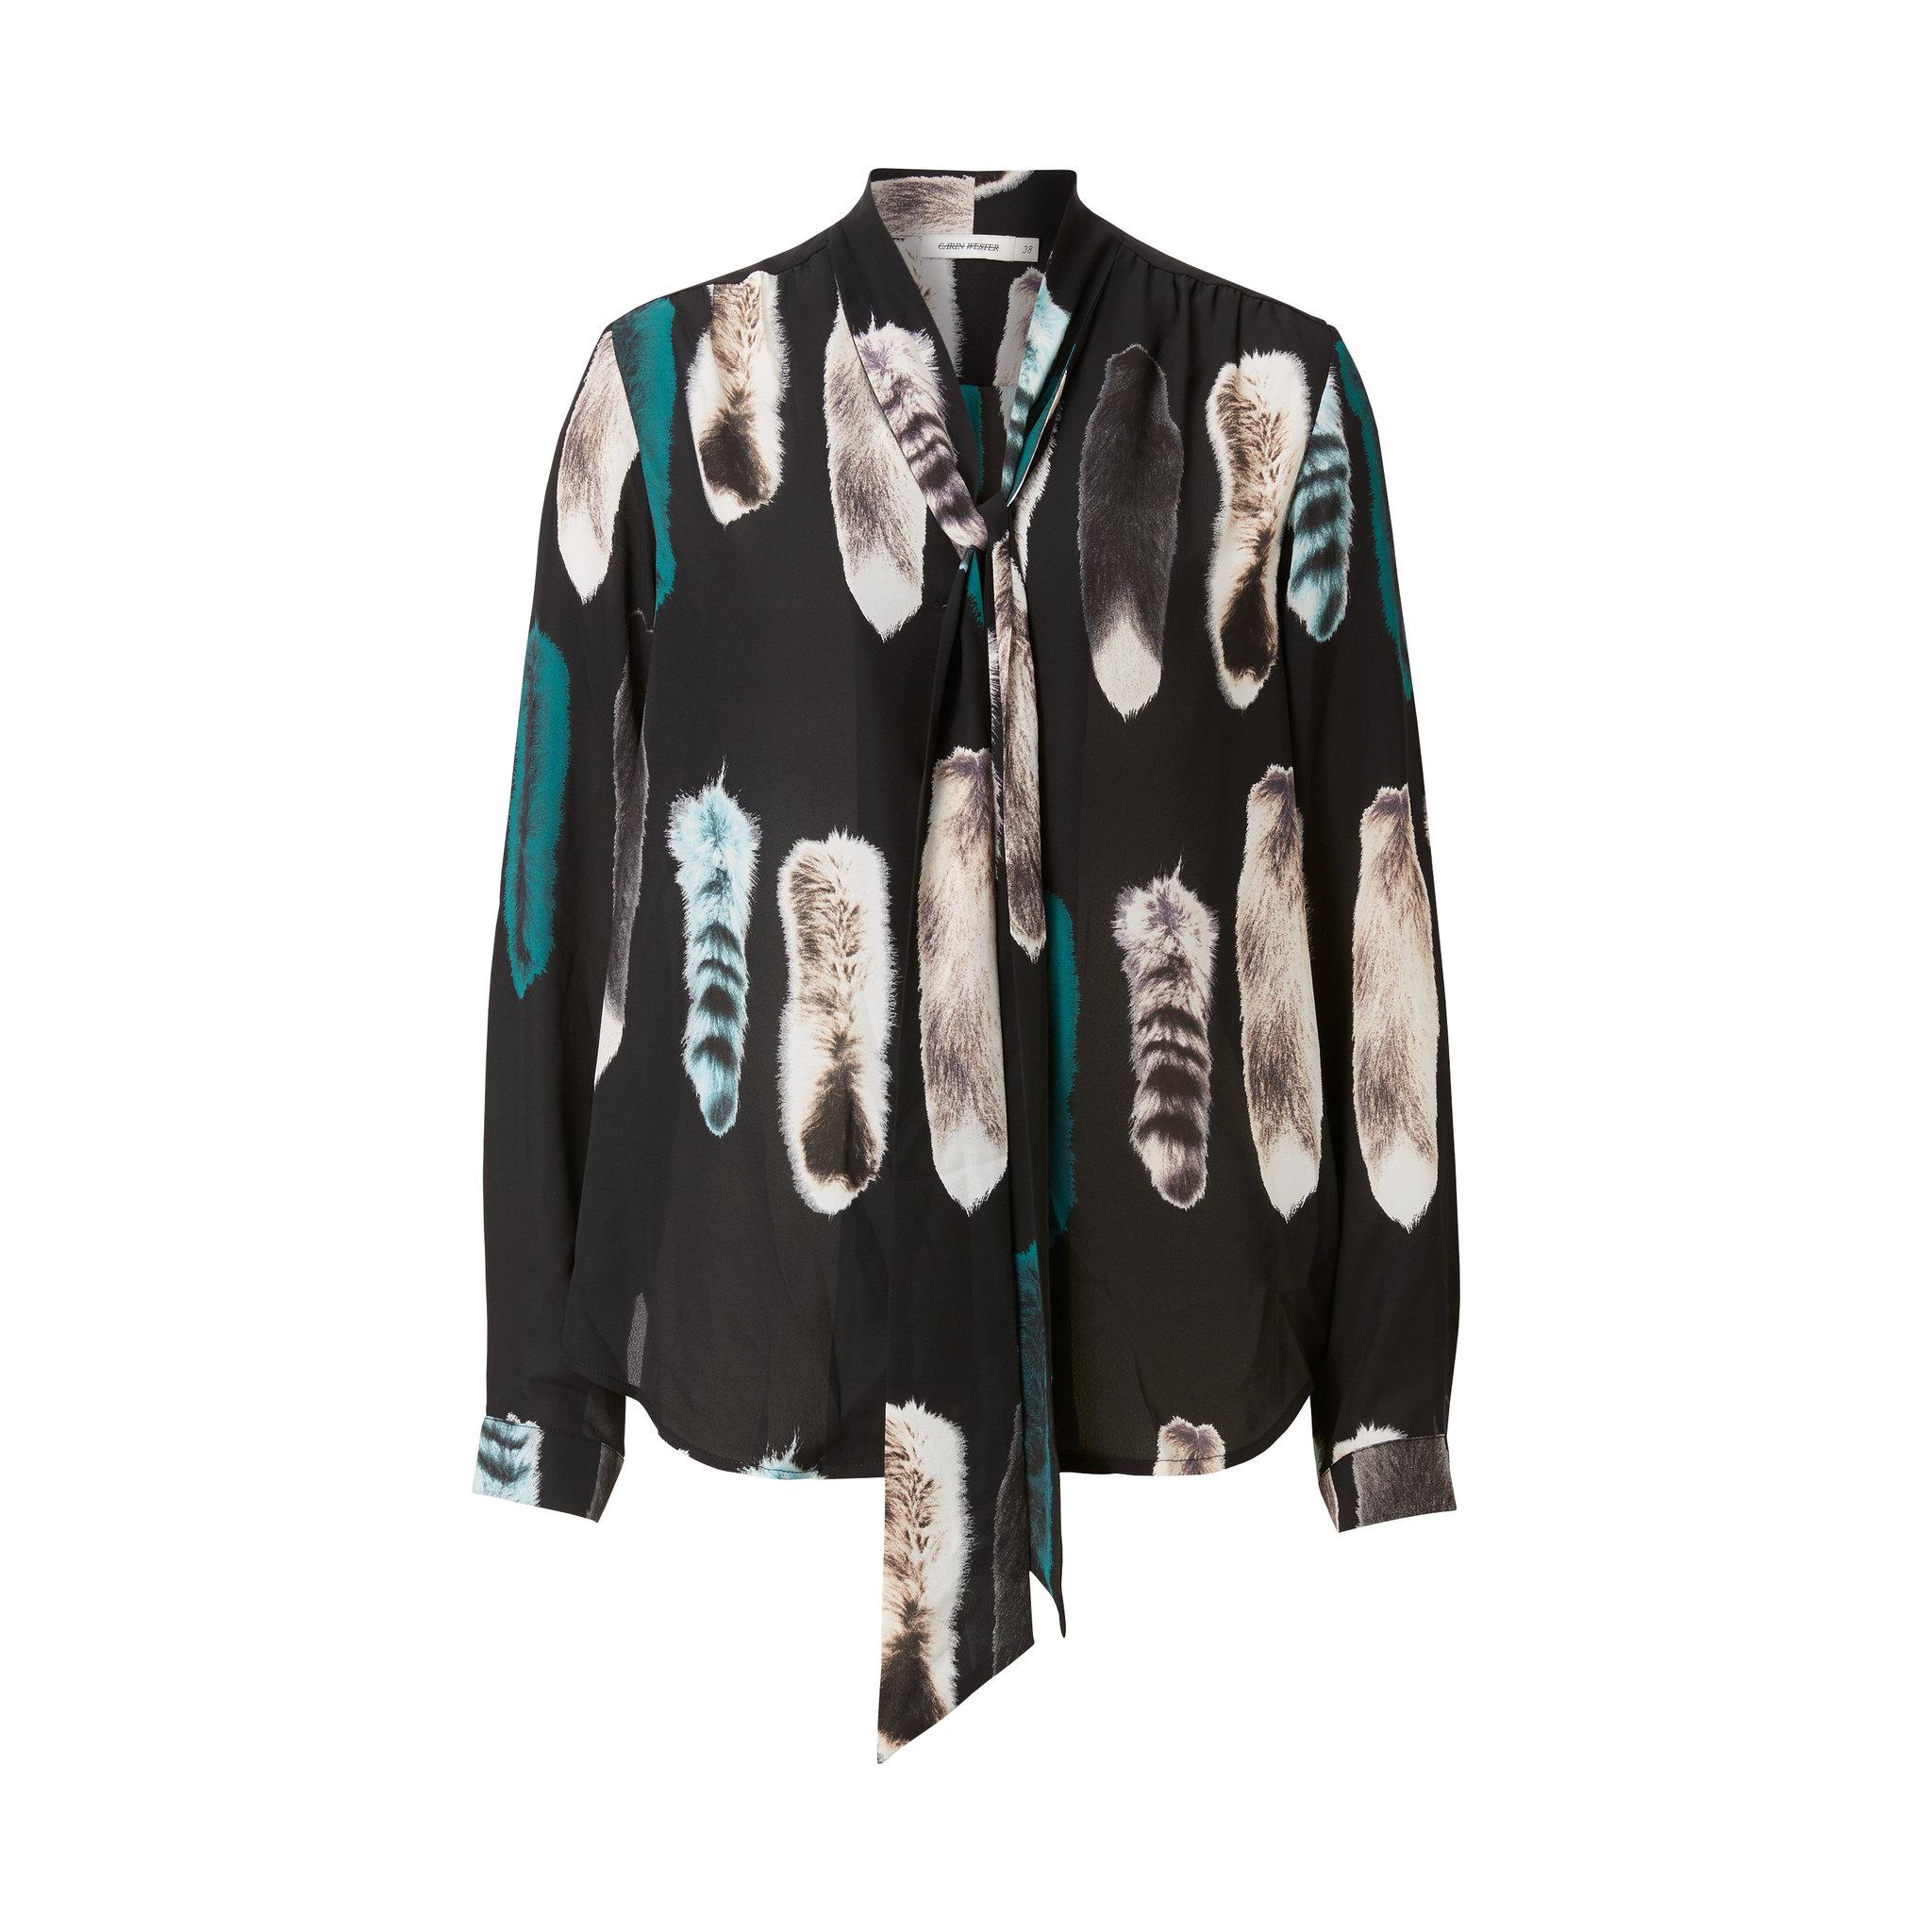 Blus Ollie - Blusar   skjortor - Köp online på åhlens.se! 0c53a6077b2f5